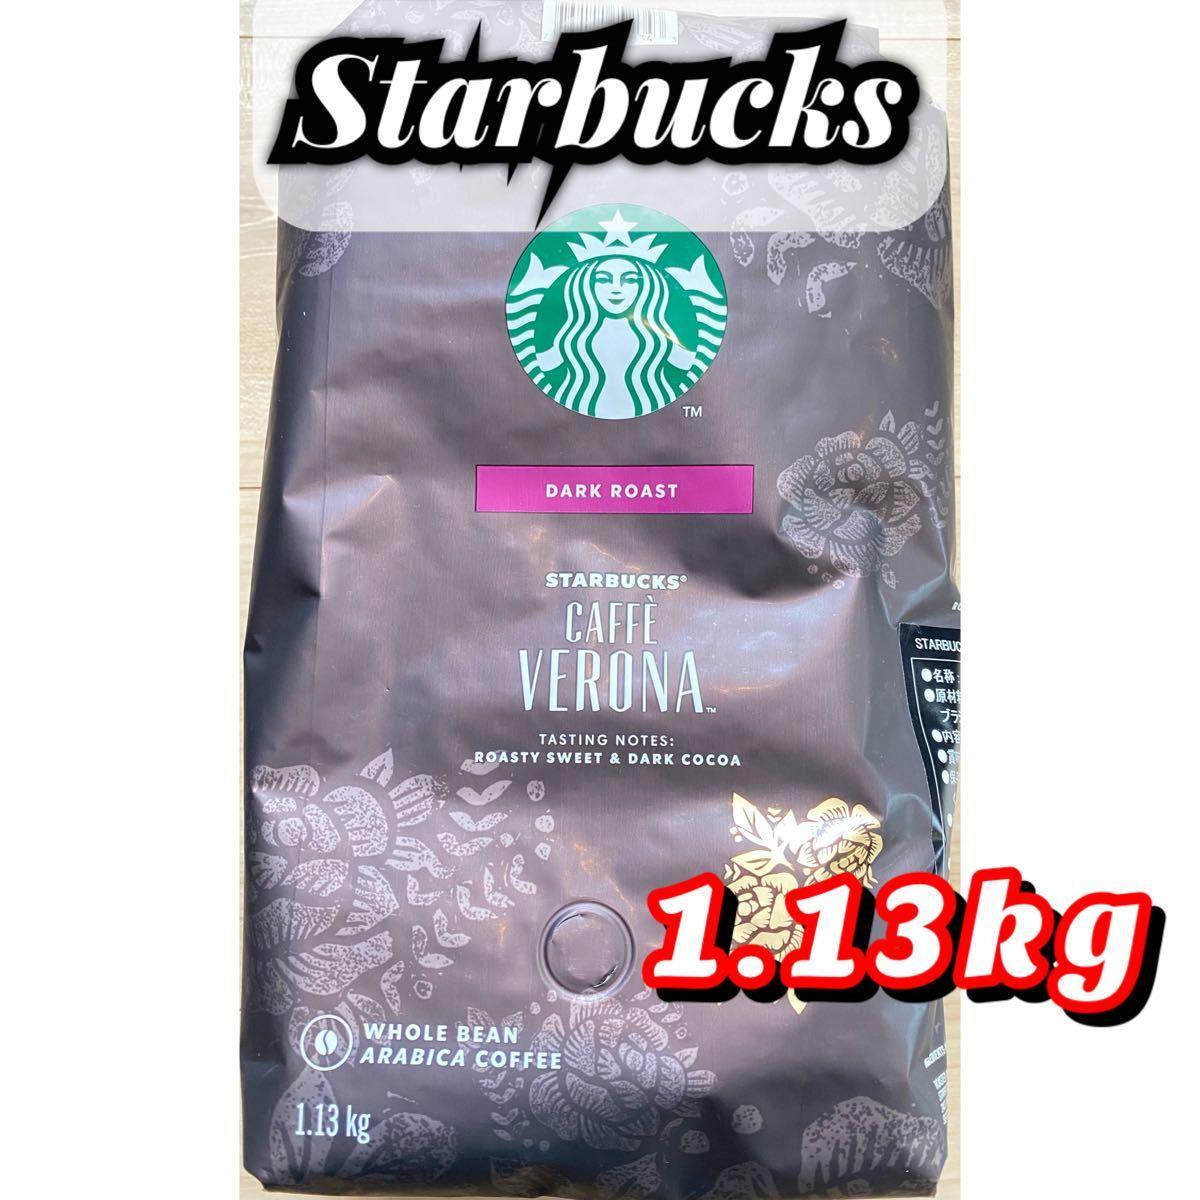 スターバックス カフェベロナ Starbucks コストコ コーヒー豆